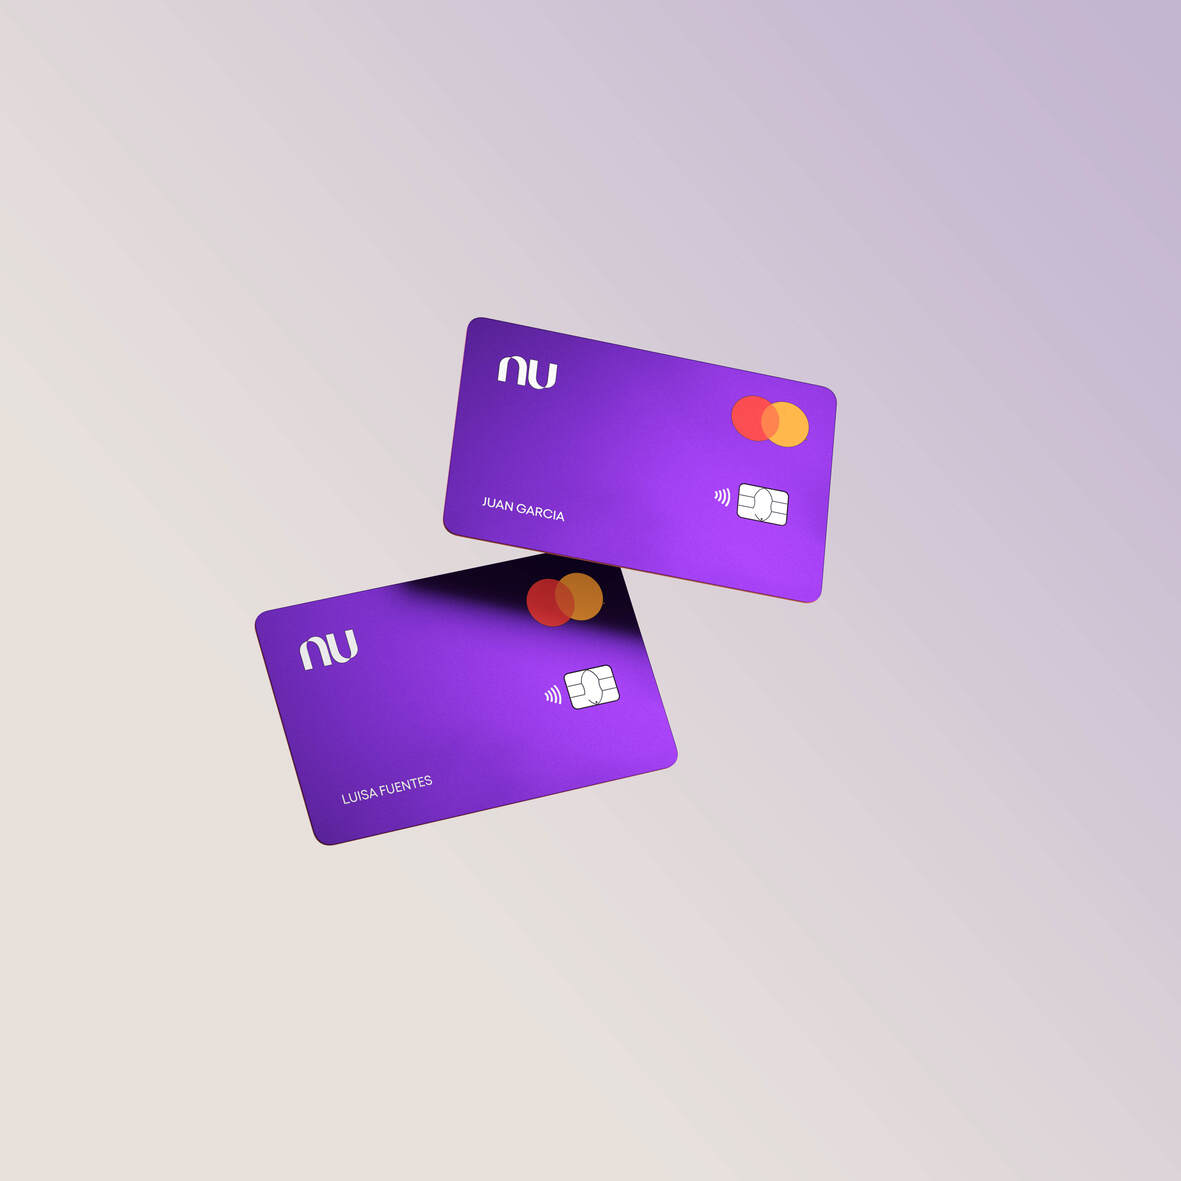 Sobre la tarjeta Nu